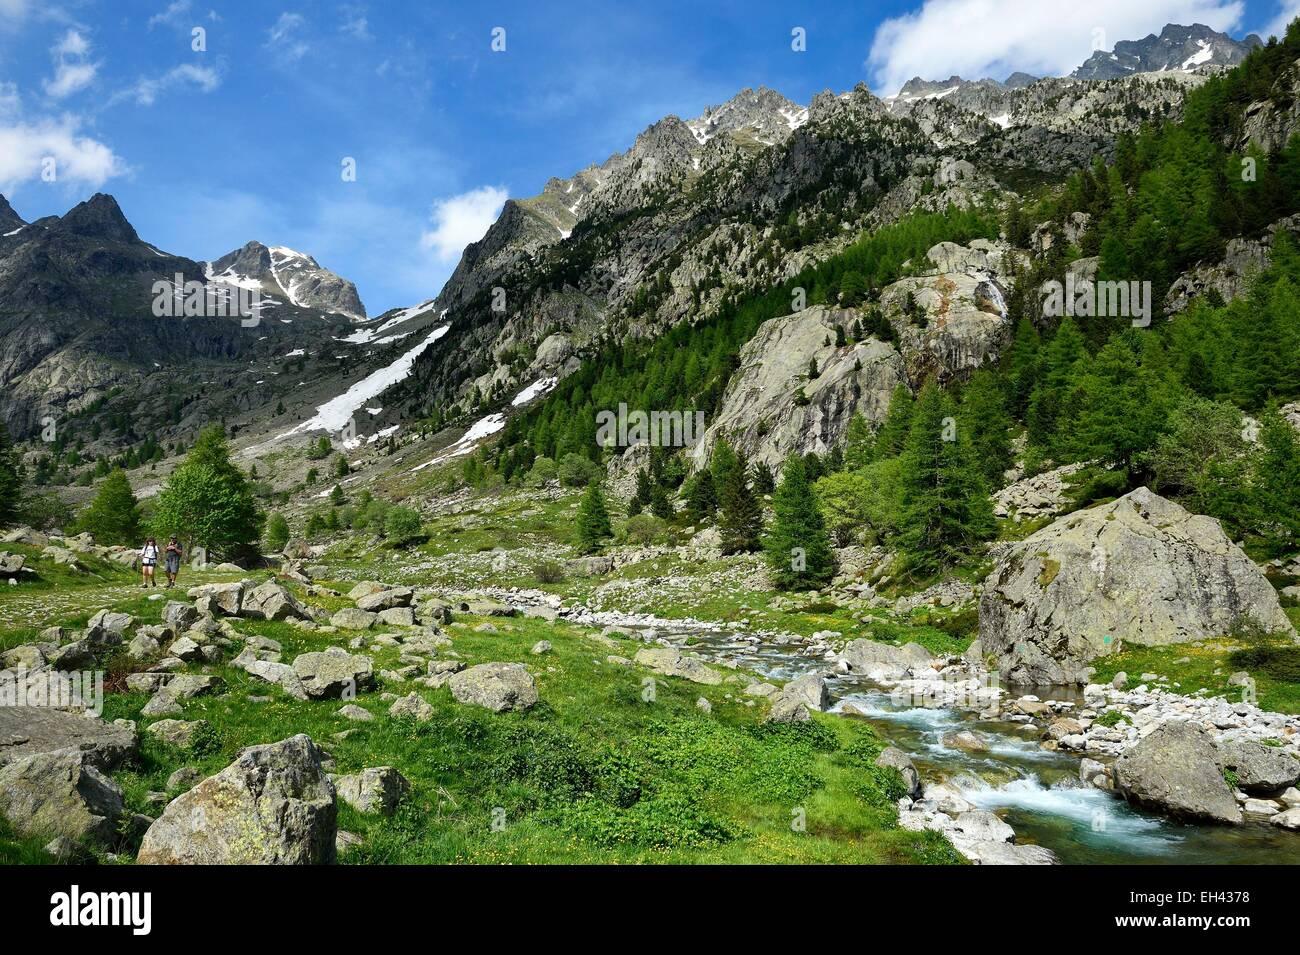 France, Alpes Maritimes, Parc National du Mercantour (Mercantour national park), Haute Vesubie, Gordolasque valley Stock Photo